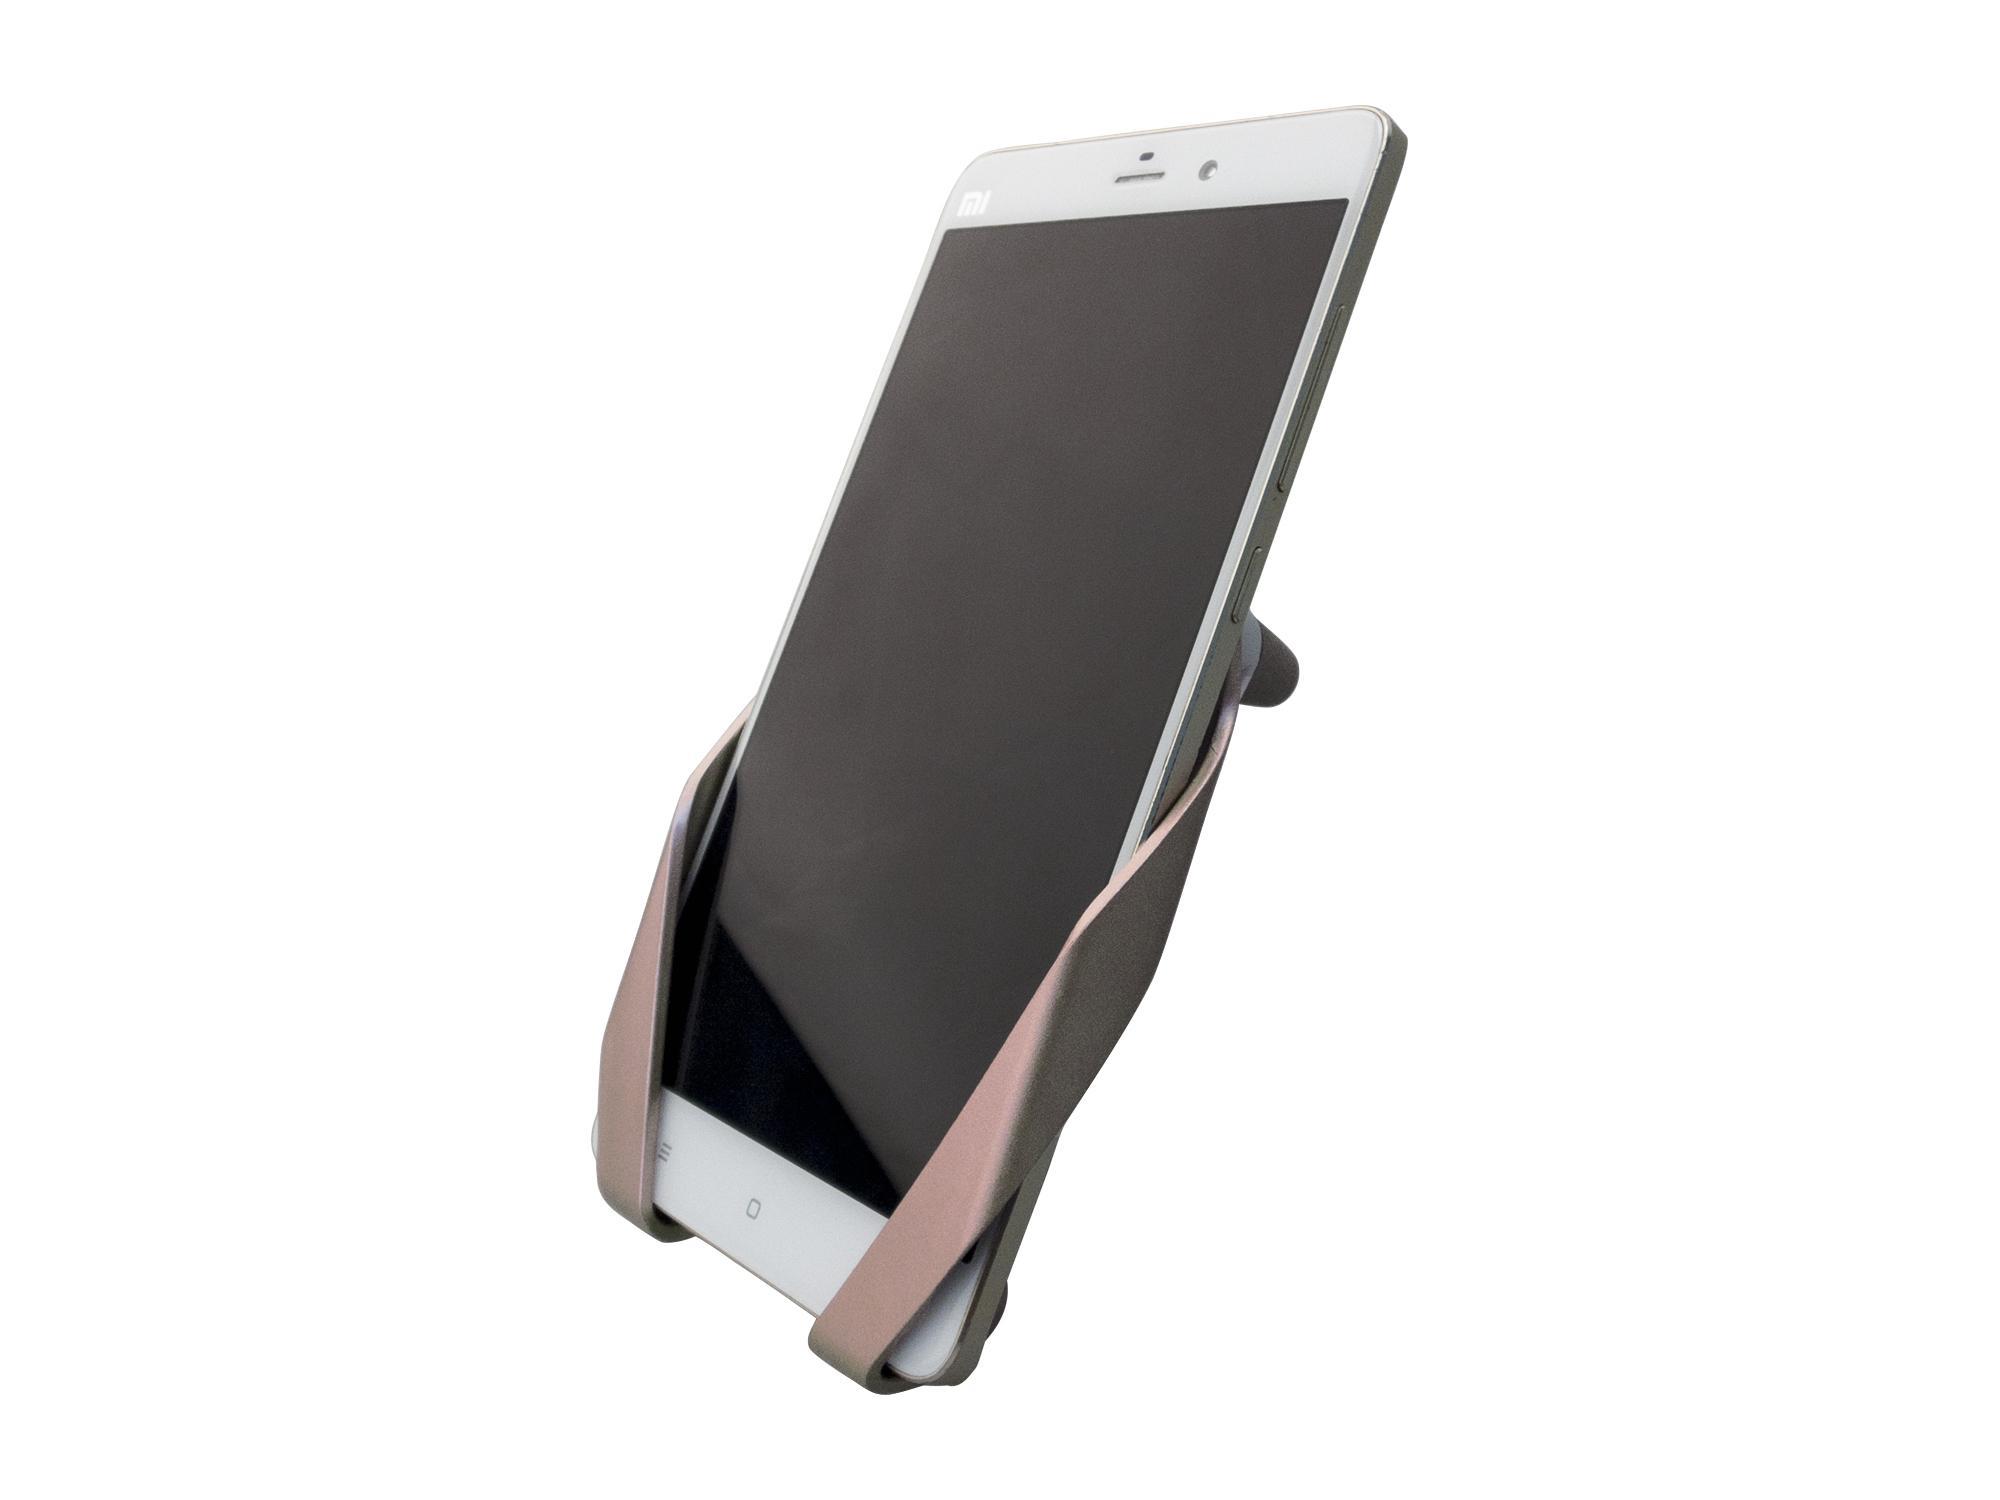 tous les téléphones Marque compatible et oui chargeur ventouse voiture support de téléphone support de ventilation ventilateur de montage pour iPhone6 7Plus Samsung HTC avec la boîte de détail